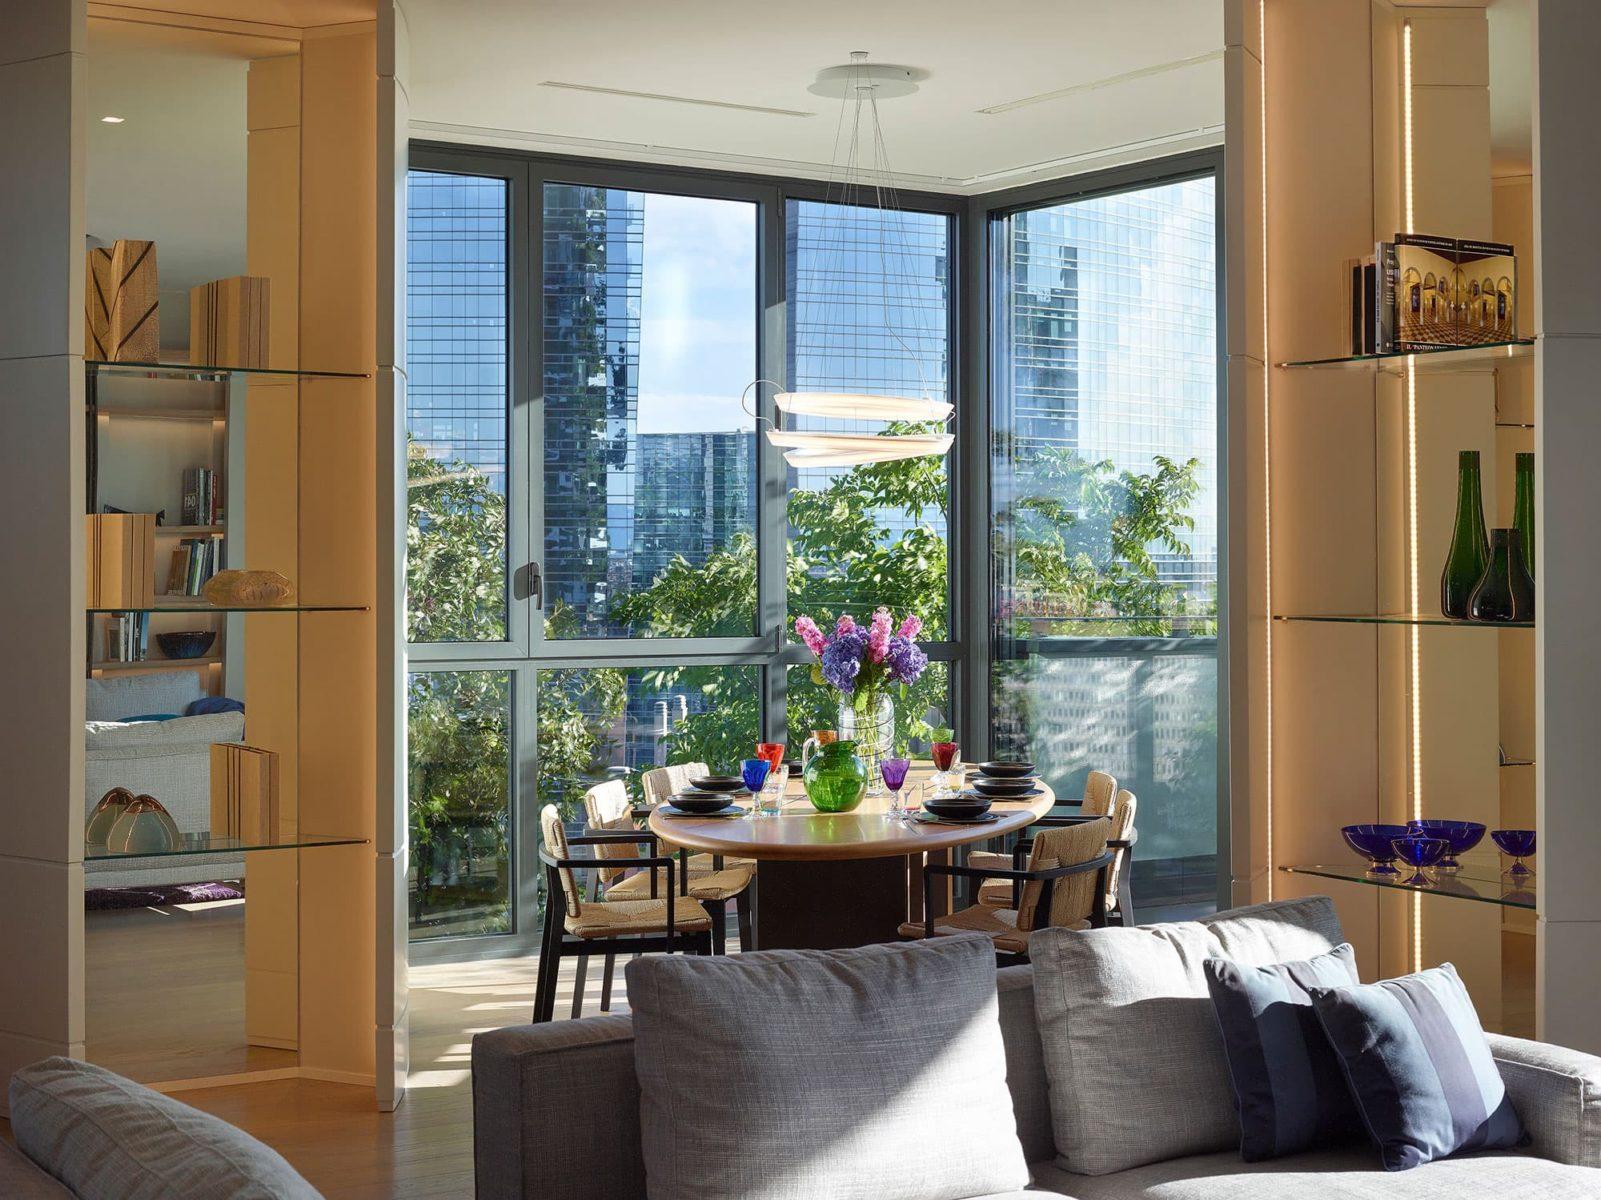 Appartamento Bosco Verticale Milan